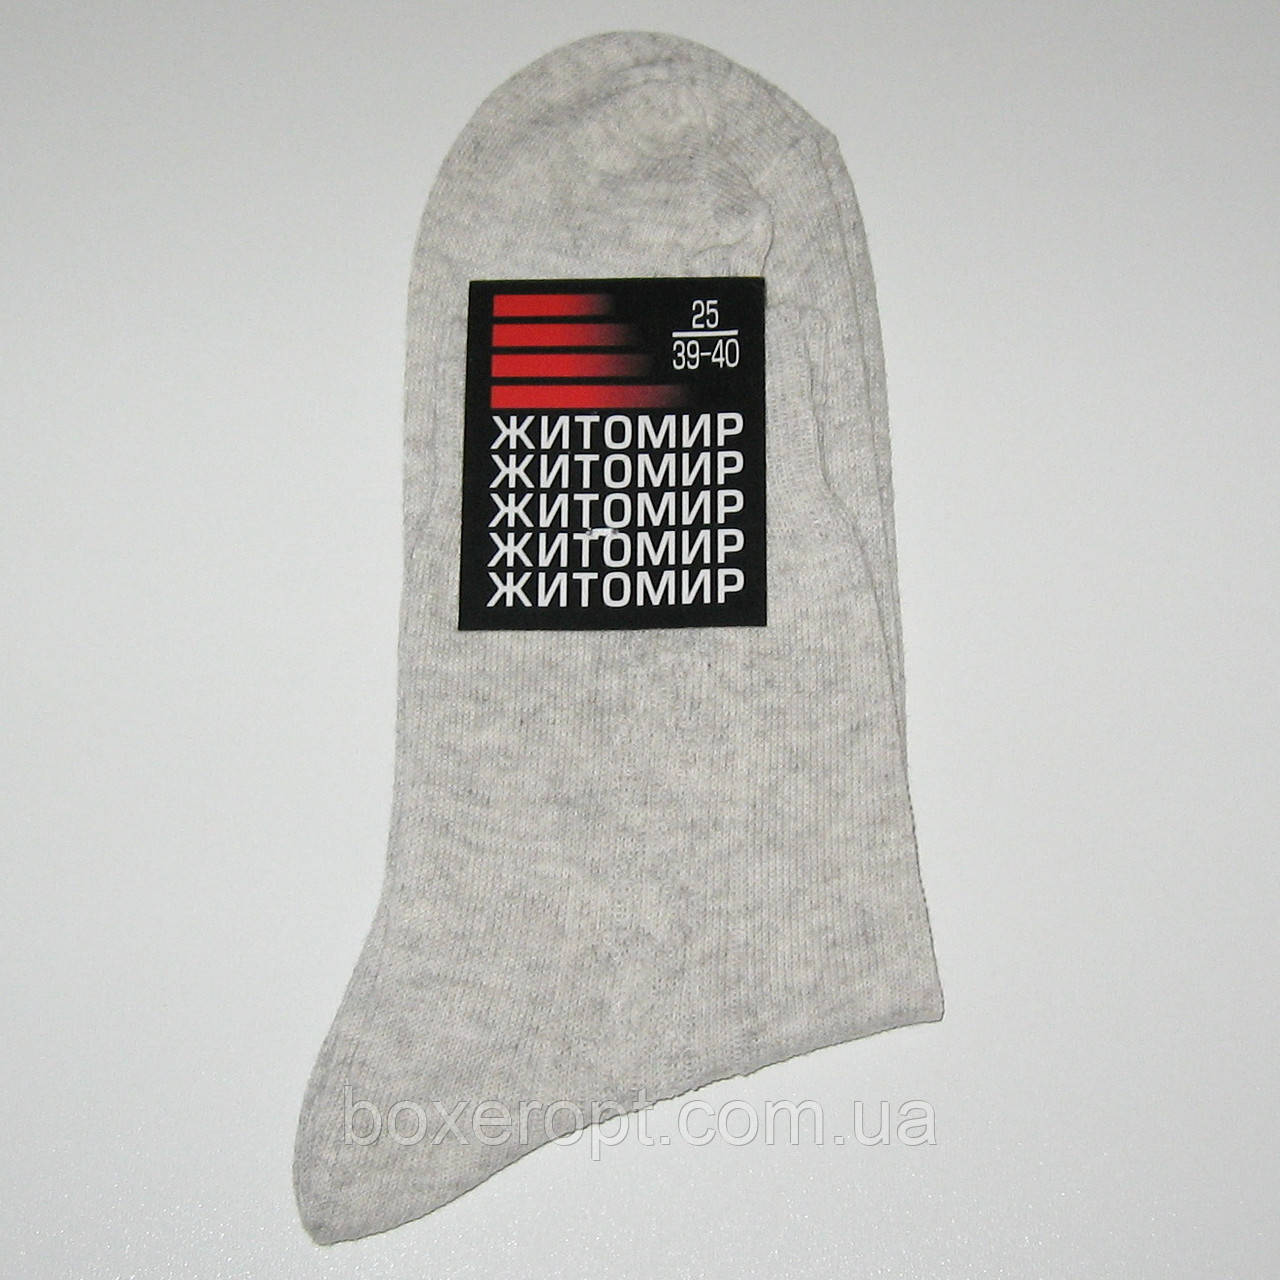 Мужские носки Житомир - 5.50 грн./пара (гладь, серые)